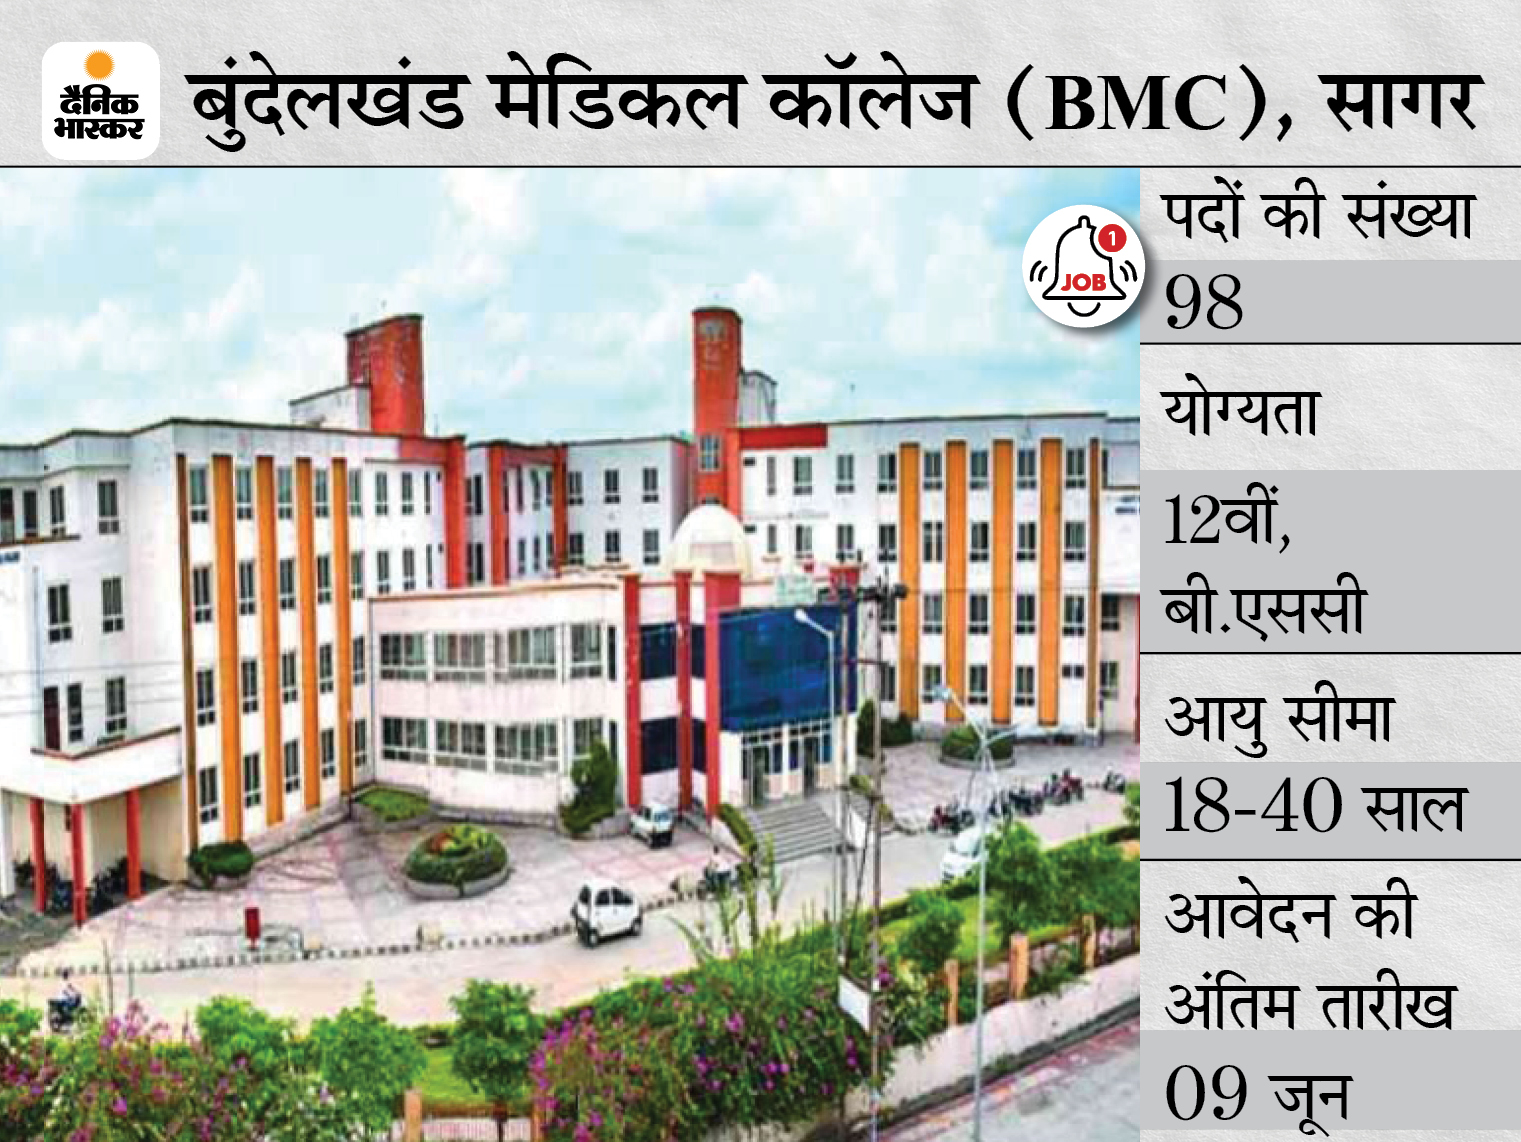 बुंदेलखंड मेडिकल कॉलेज, सागर ने स्टाफ नर्स के 98 पदों पर निकाली भर्ती, 9 जून आवेदन की आखिरी तारीख करिअर,Career - Dainik Bhaskar